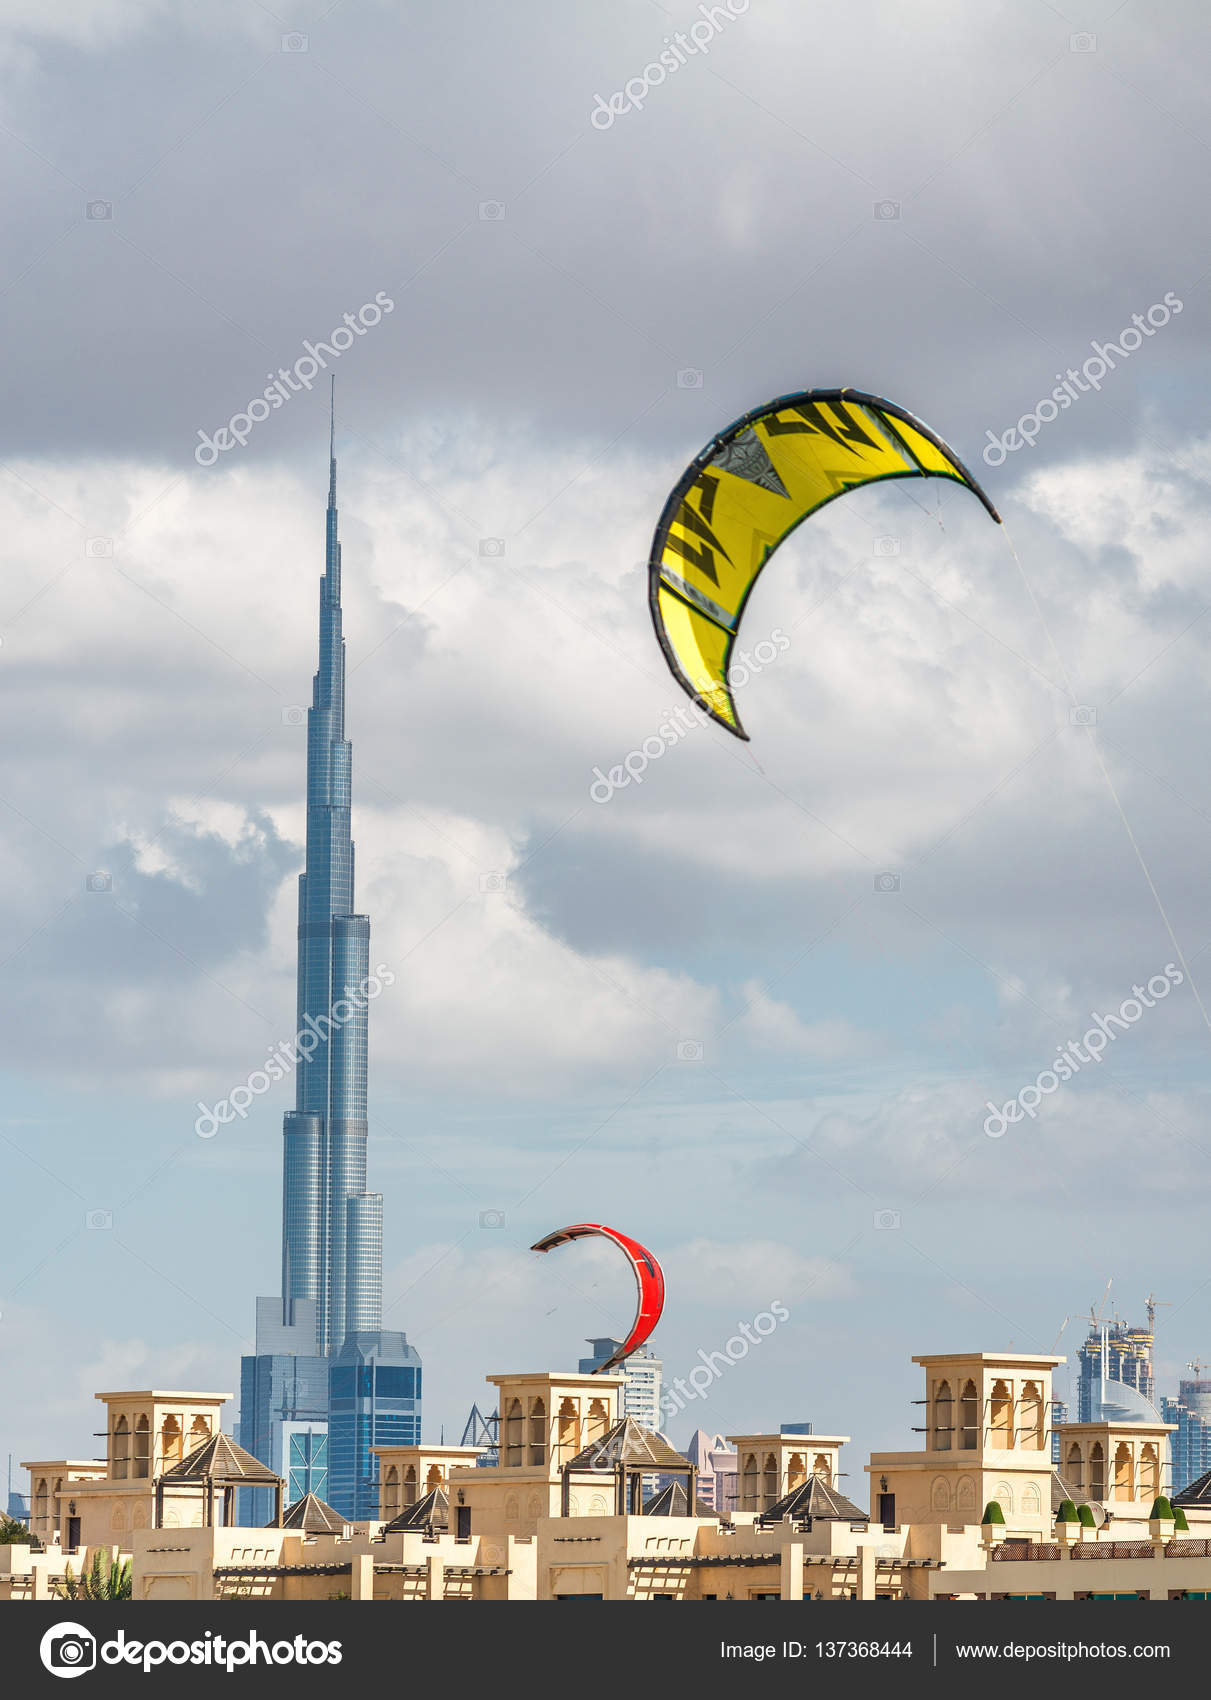 Kites Flying Over Kite Beach Dubai Stock Editorial Photo